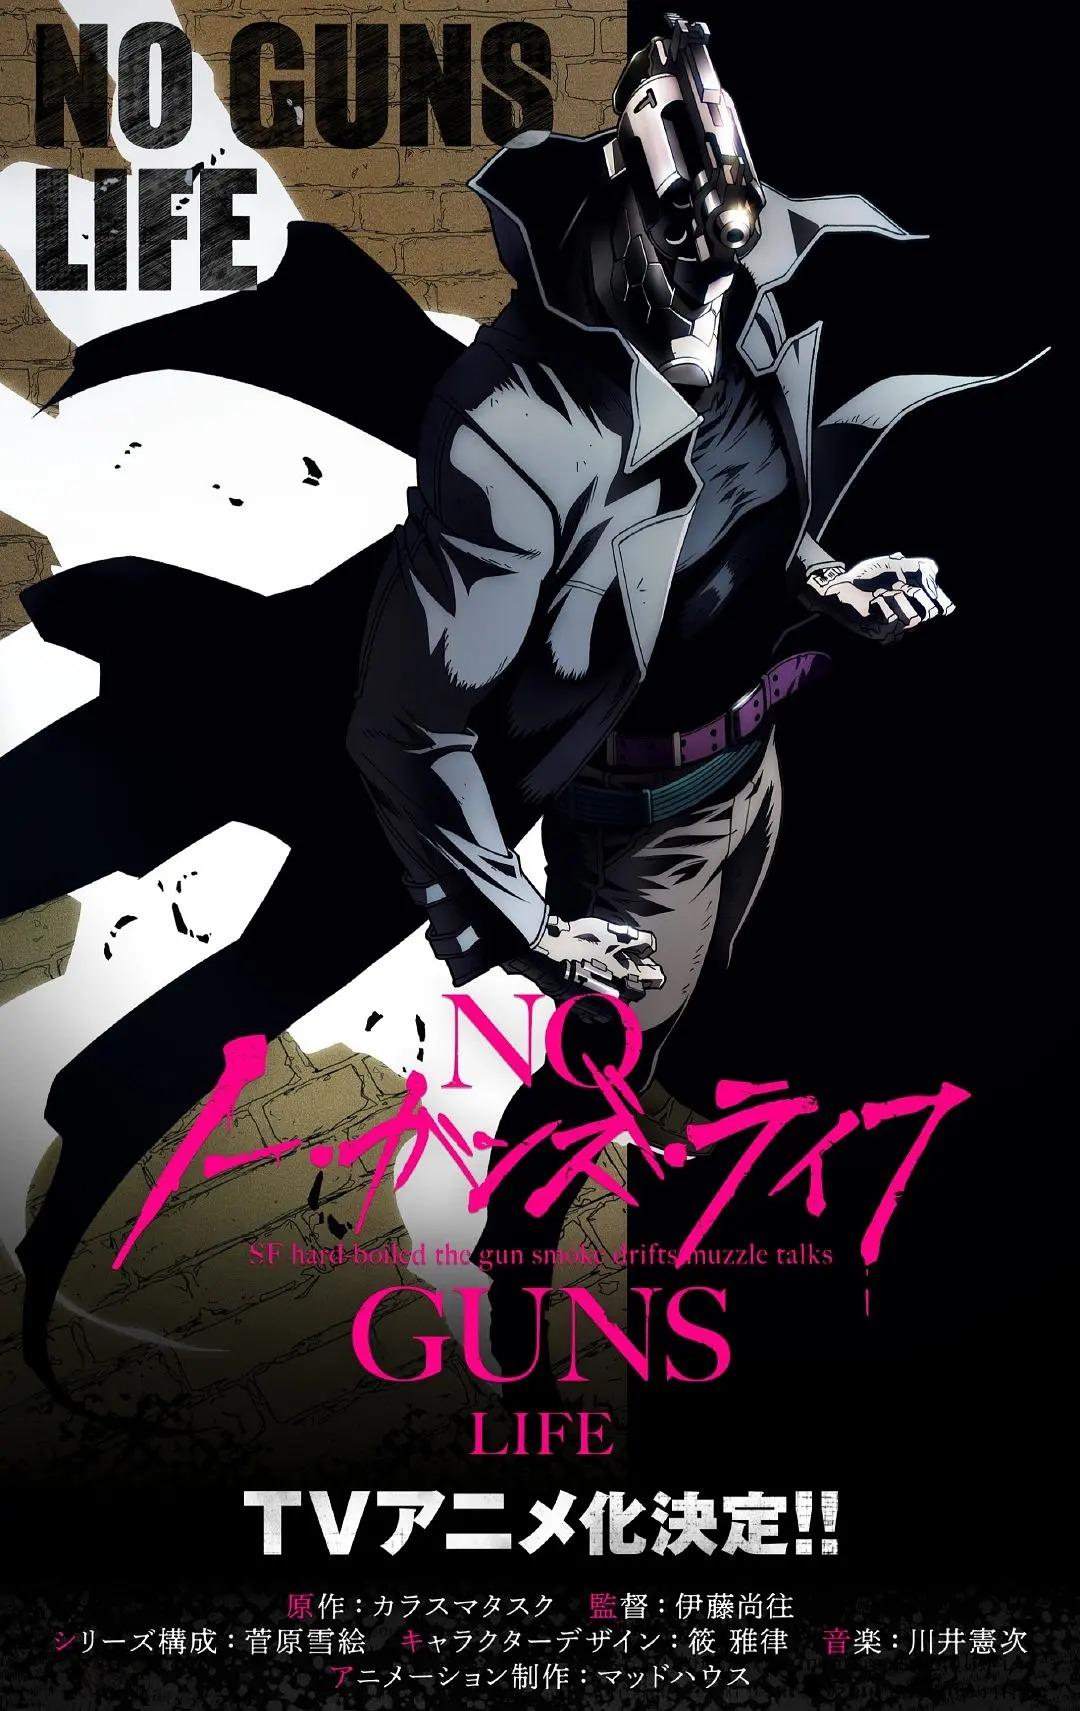 2019年日本科幻动作动漫《非枪人生》全12集高清日语中字迅雷下载